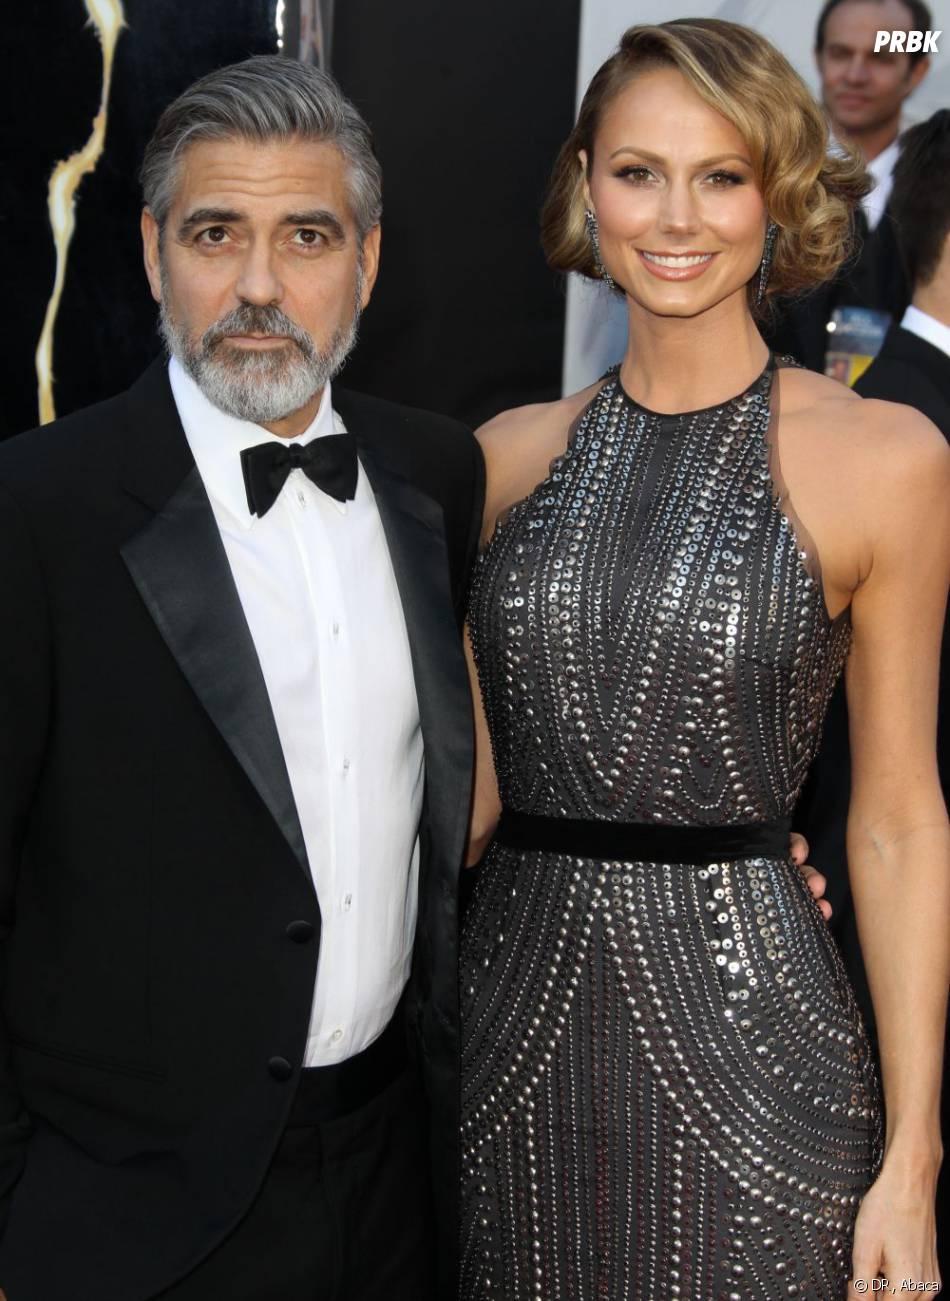 George Clooney et Stacy Keibler en février 2013 à Los Angeles.